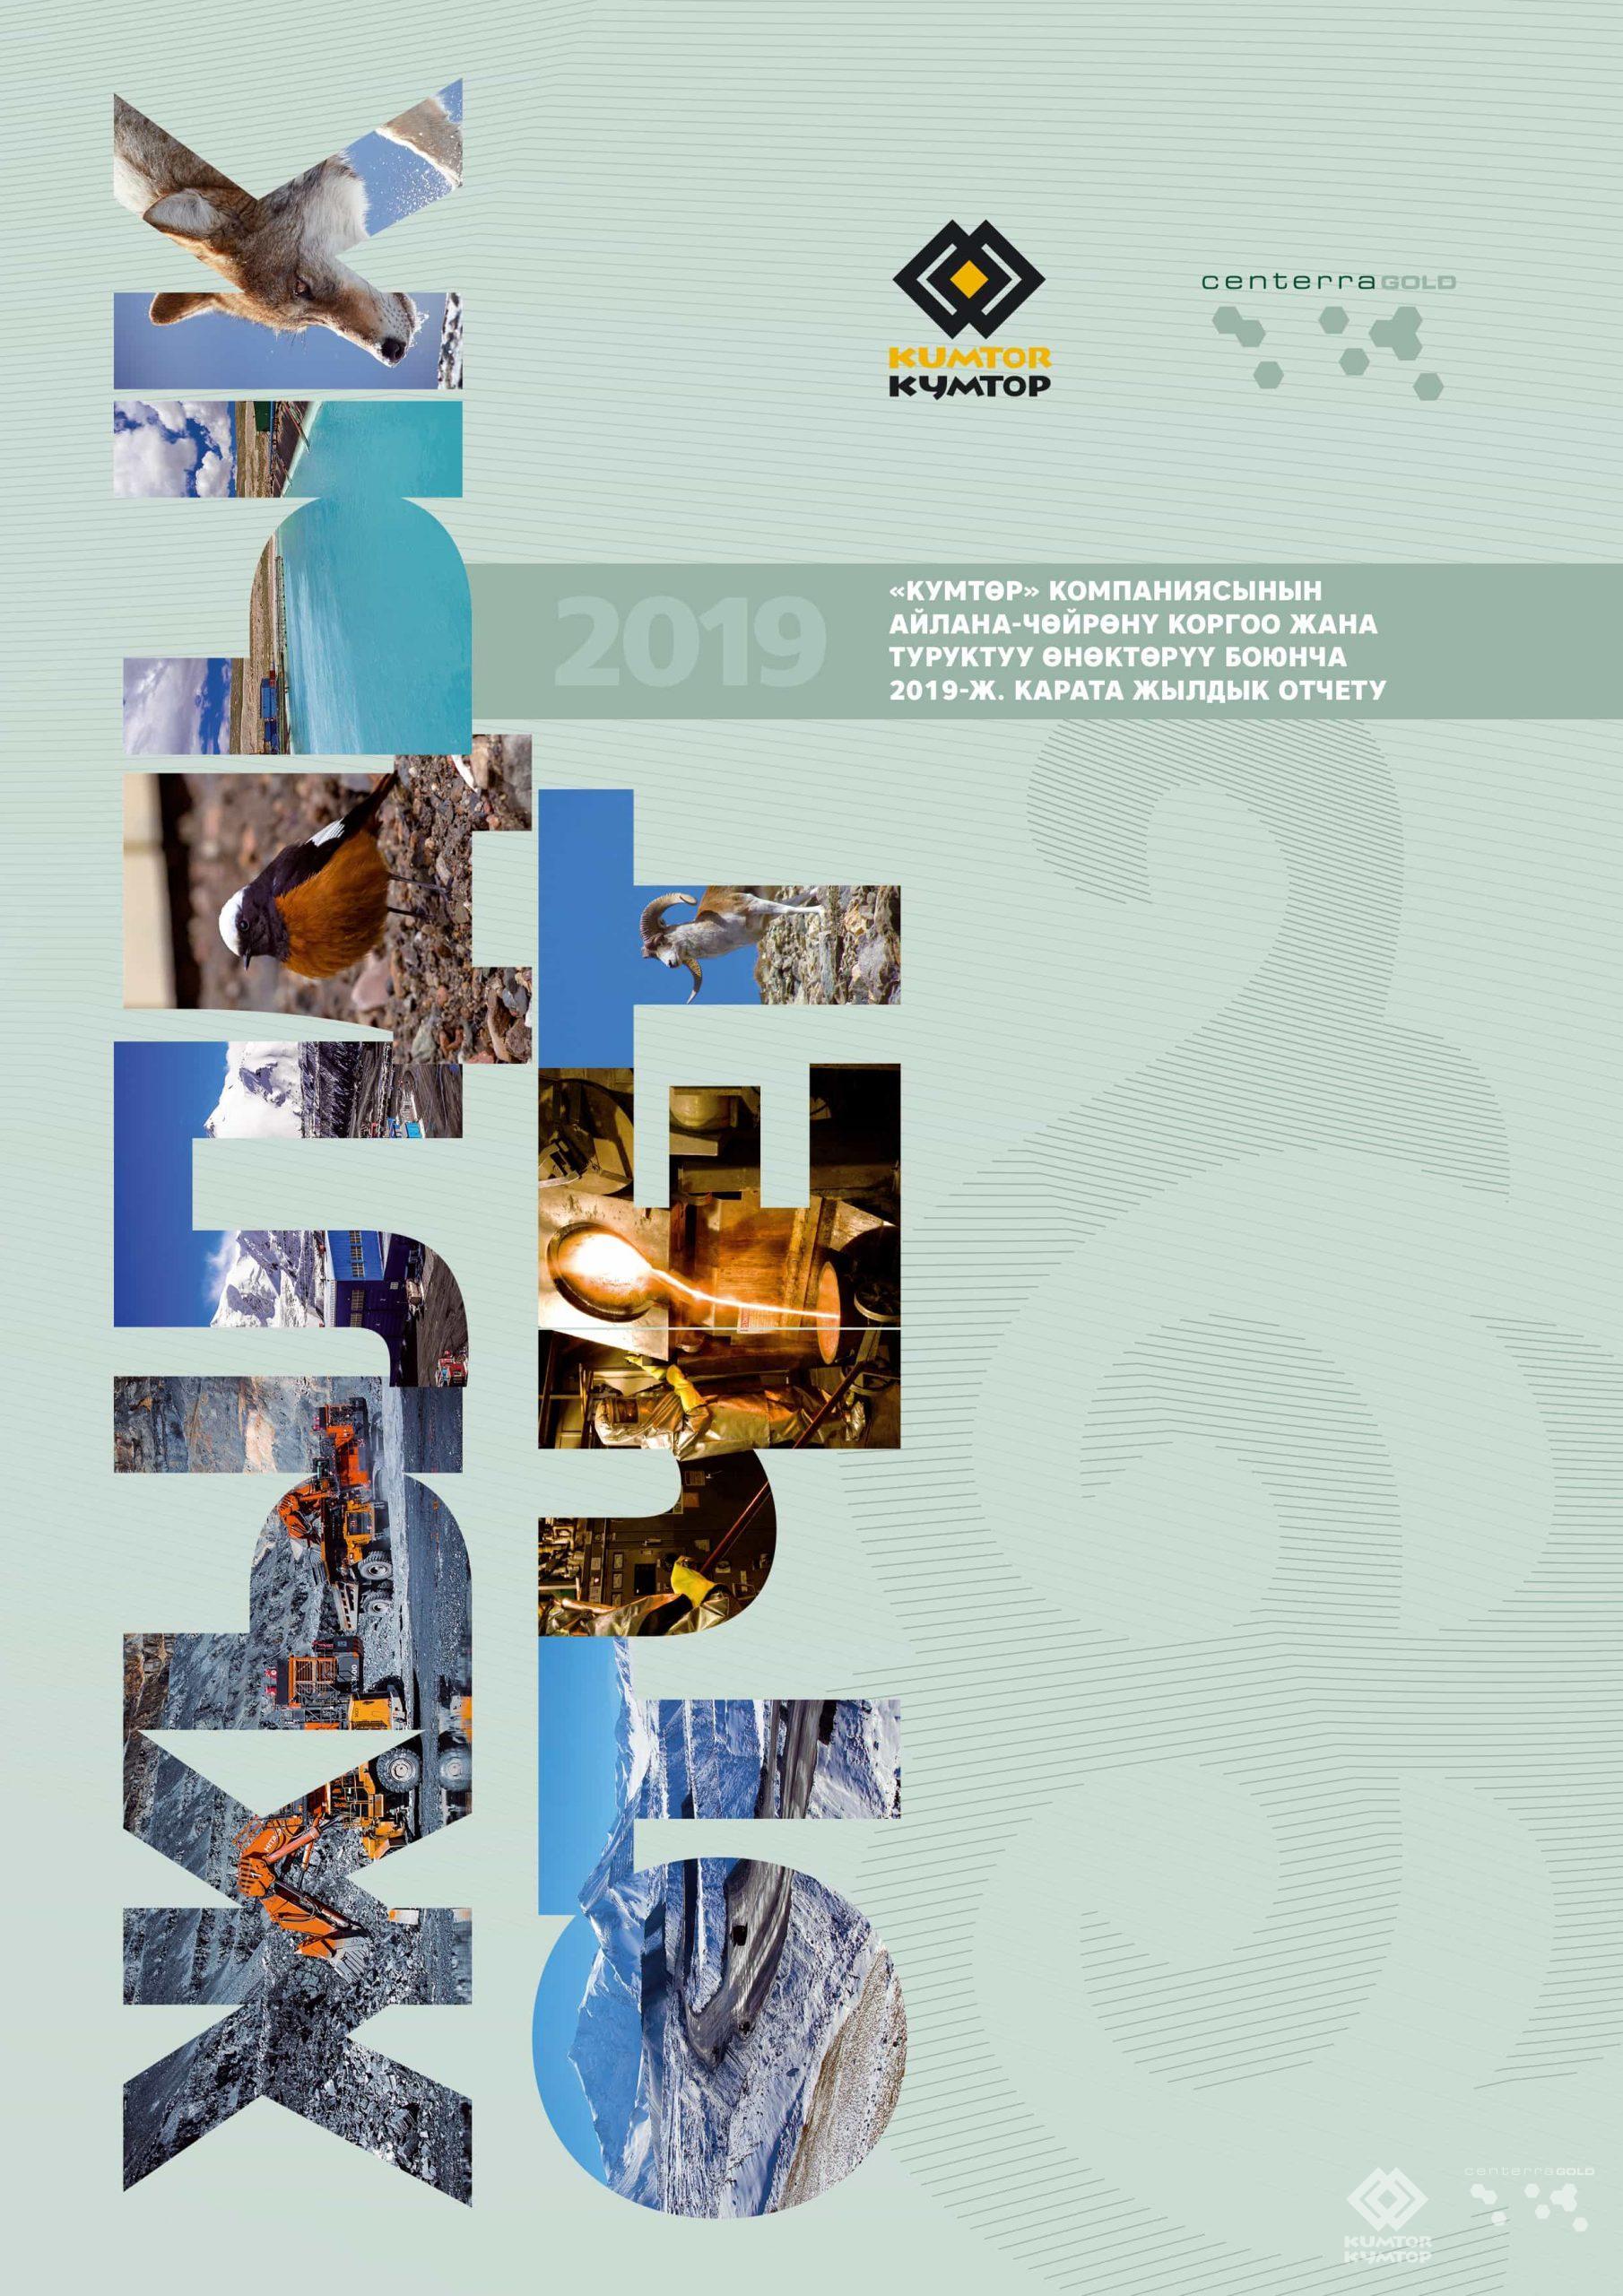 2019-жылга карата Айлана-чөйрөнү коргоо жана туруктуу өнүктүрүү боюнча отчет